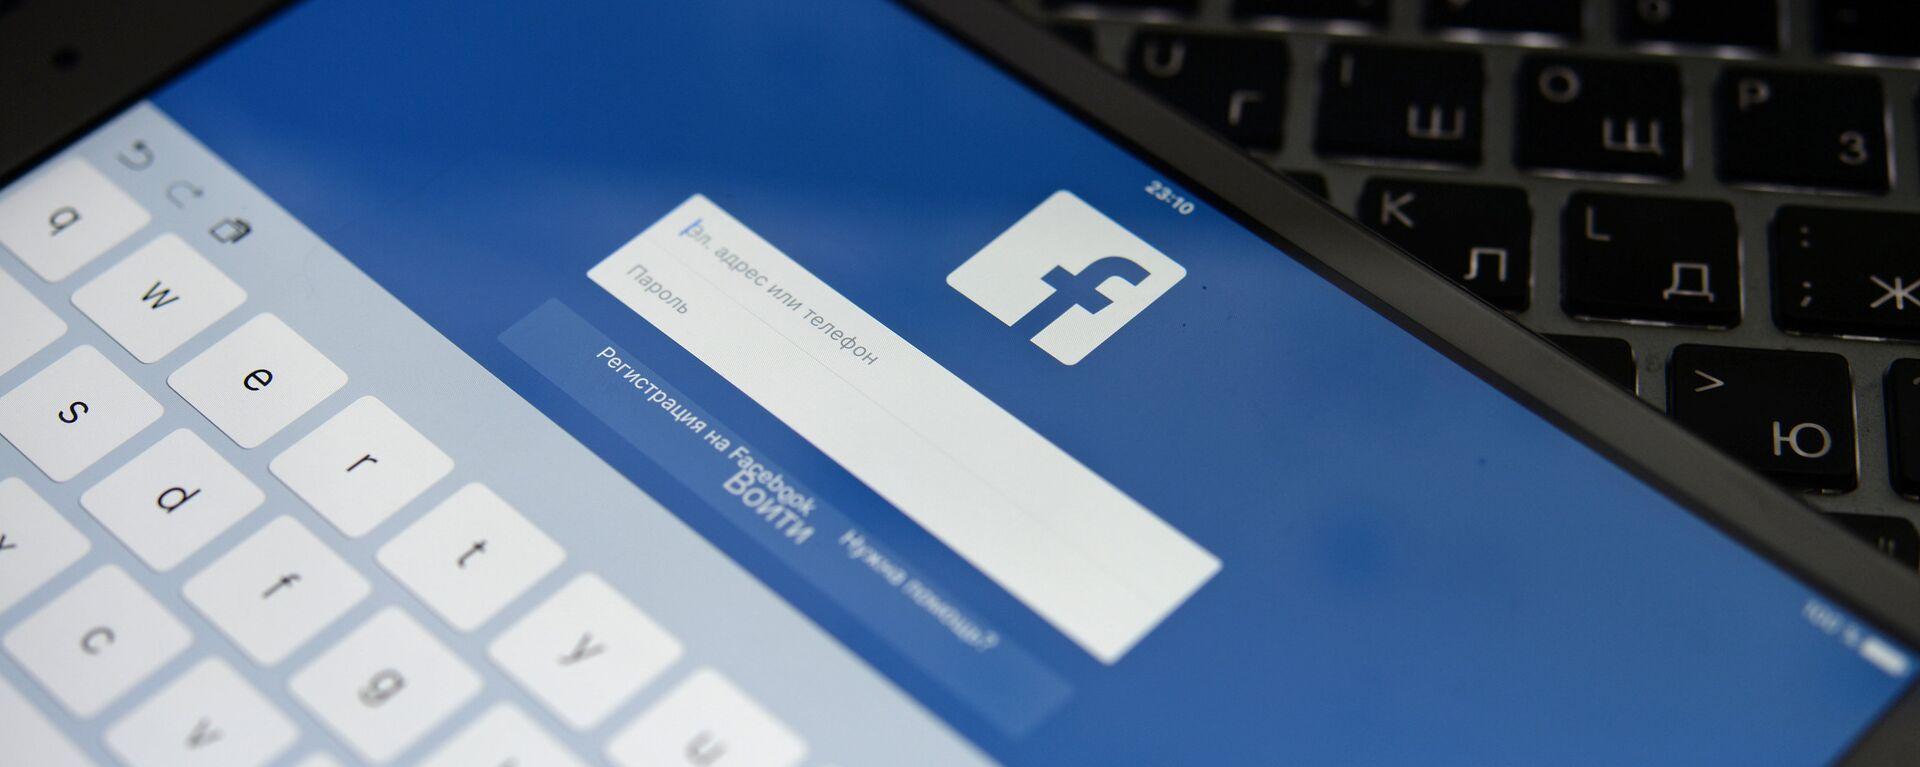 Социальная сеть Facebook на экране планешета - Sputnik Latvija, 1920, 07.06.2021